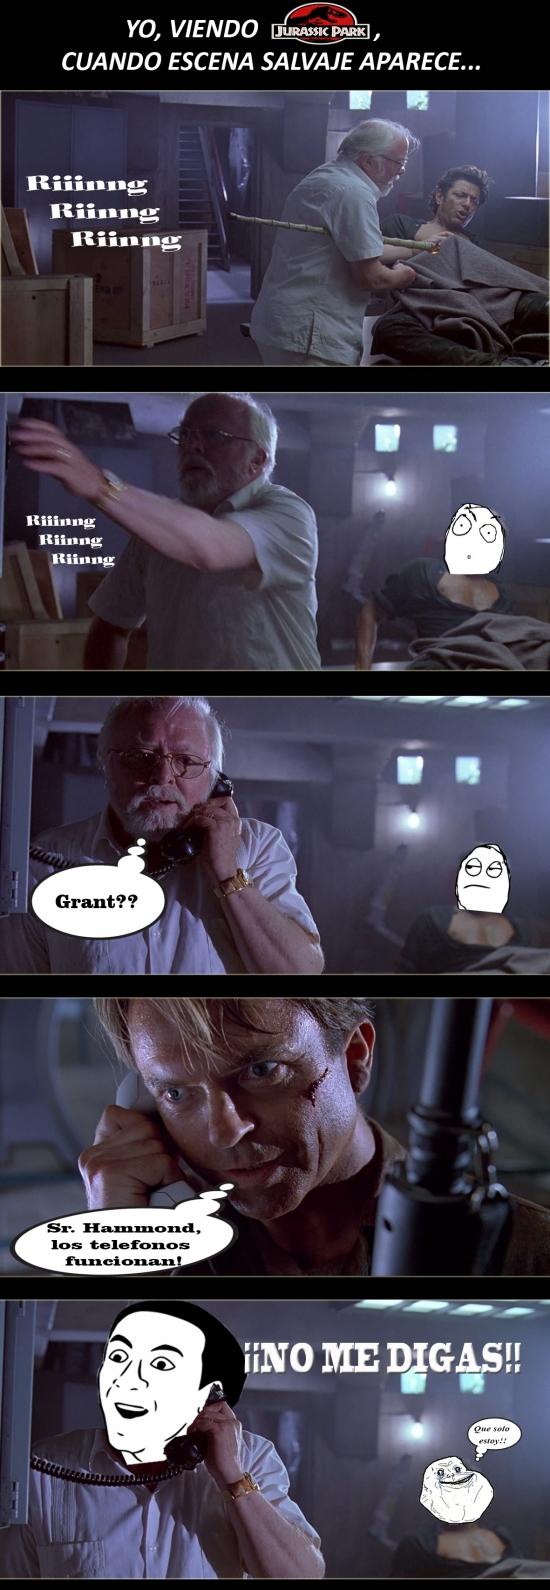 No_me_digas - La obviedad en Jurassic Park